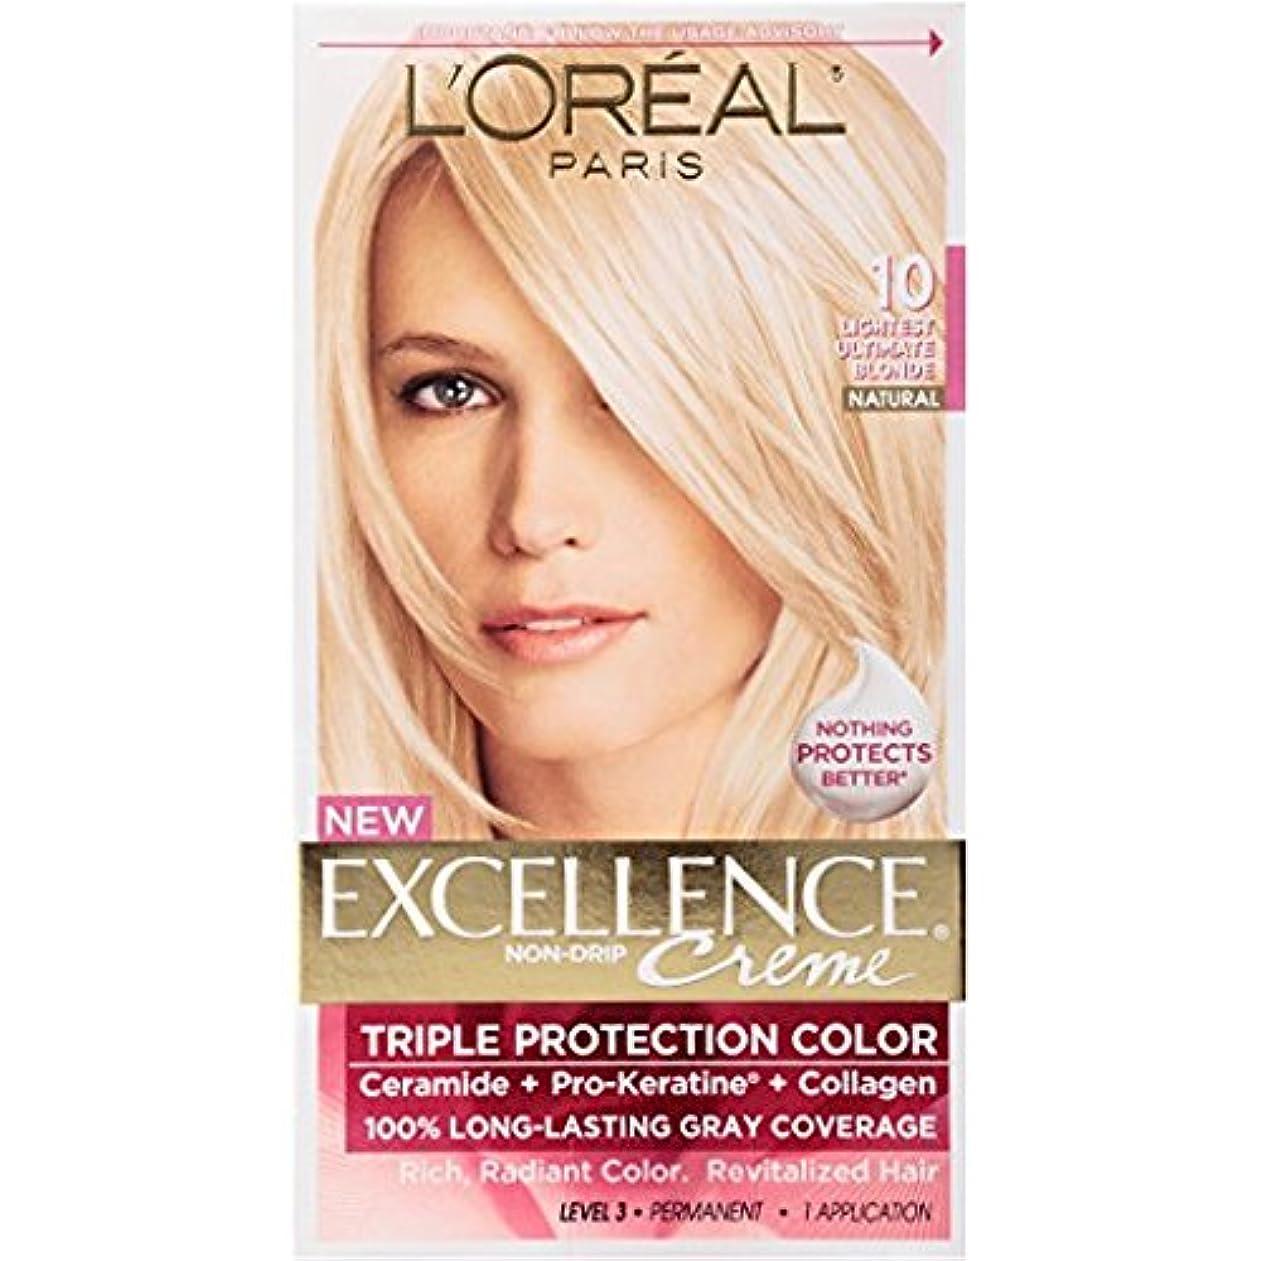 ロレアル L'Oreal Paris Excellence Creme Pro - Keratine 10 Light Ultimate Blonde ブロンド ヘアダイ [並行輸入品]